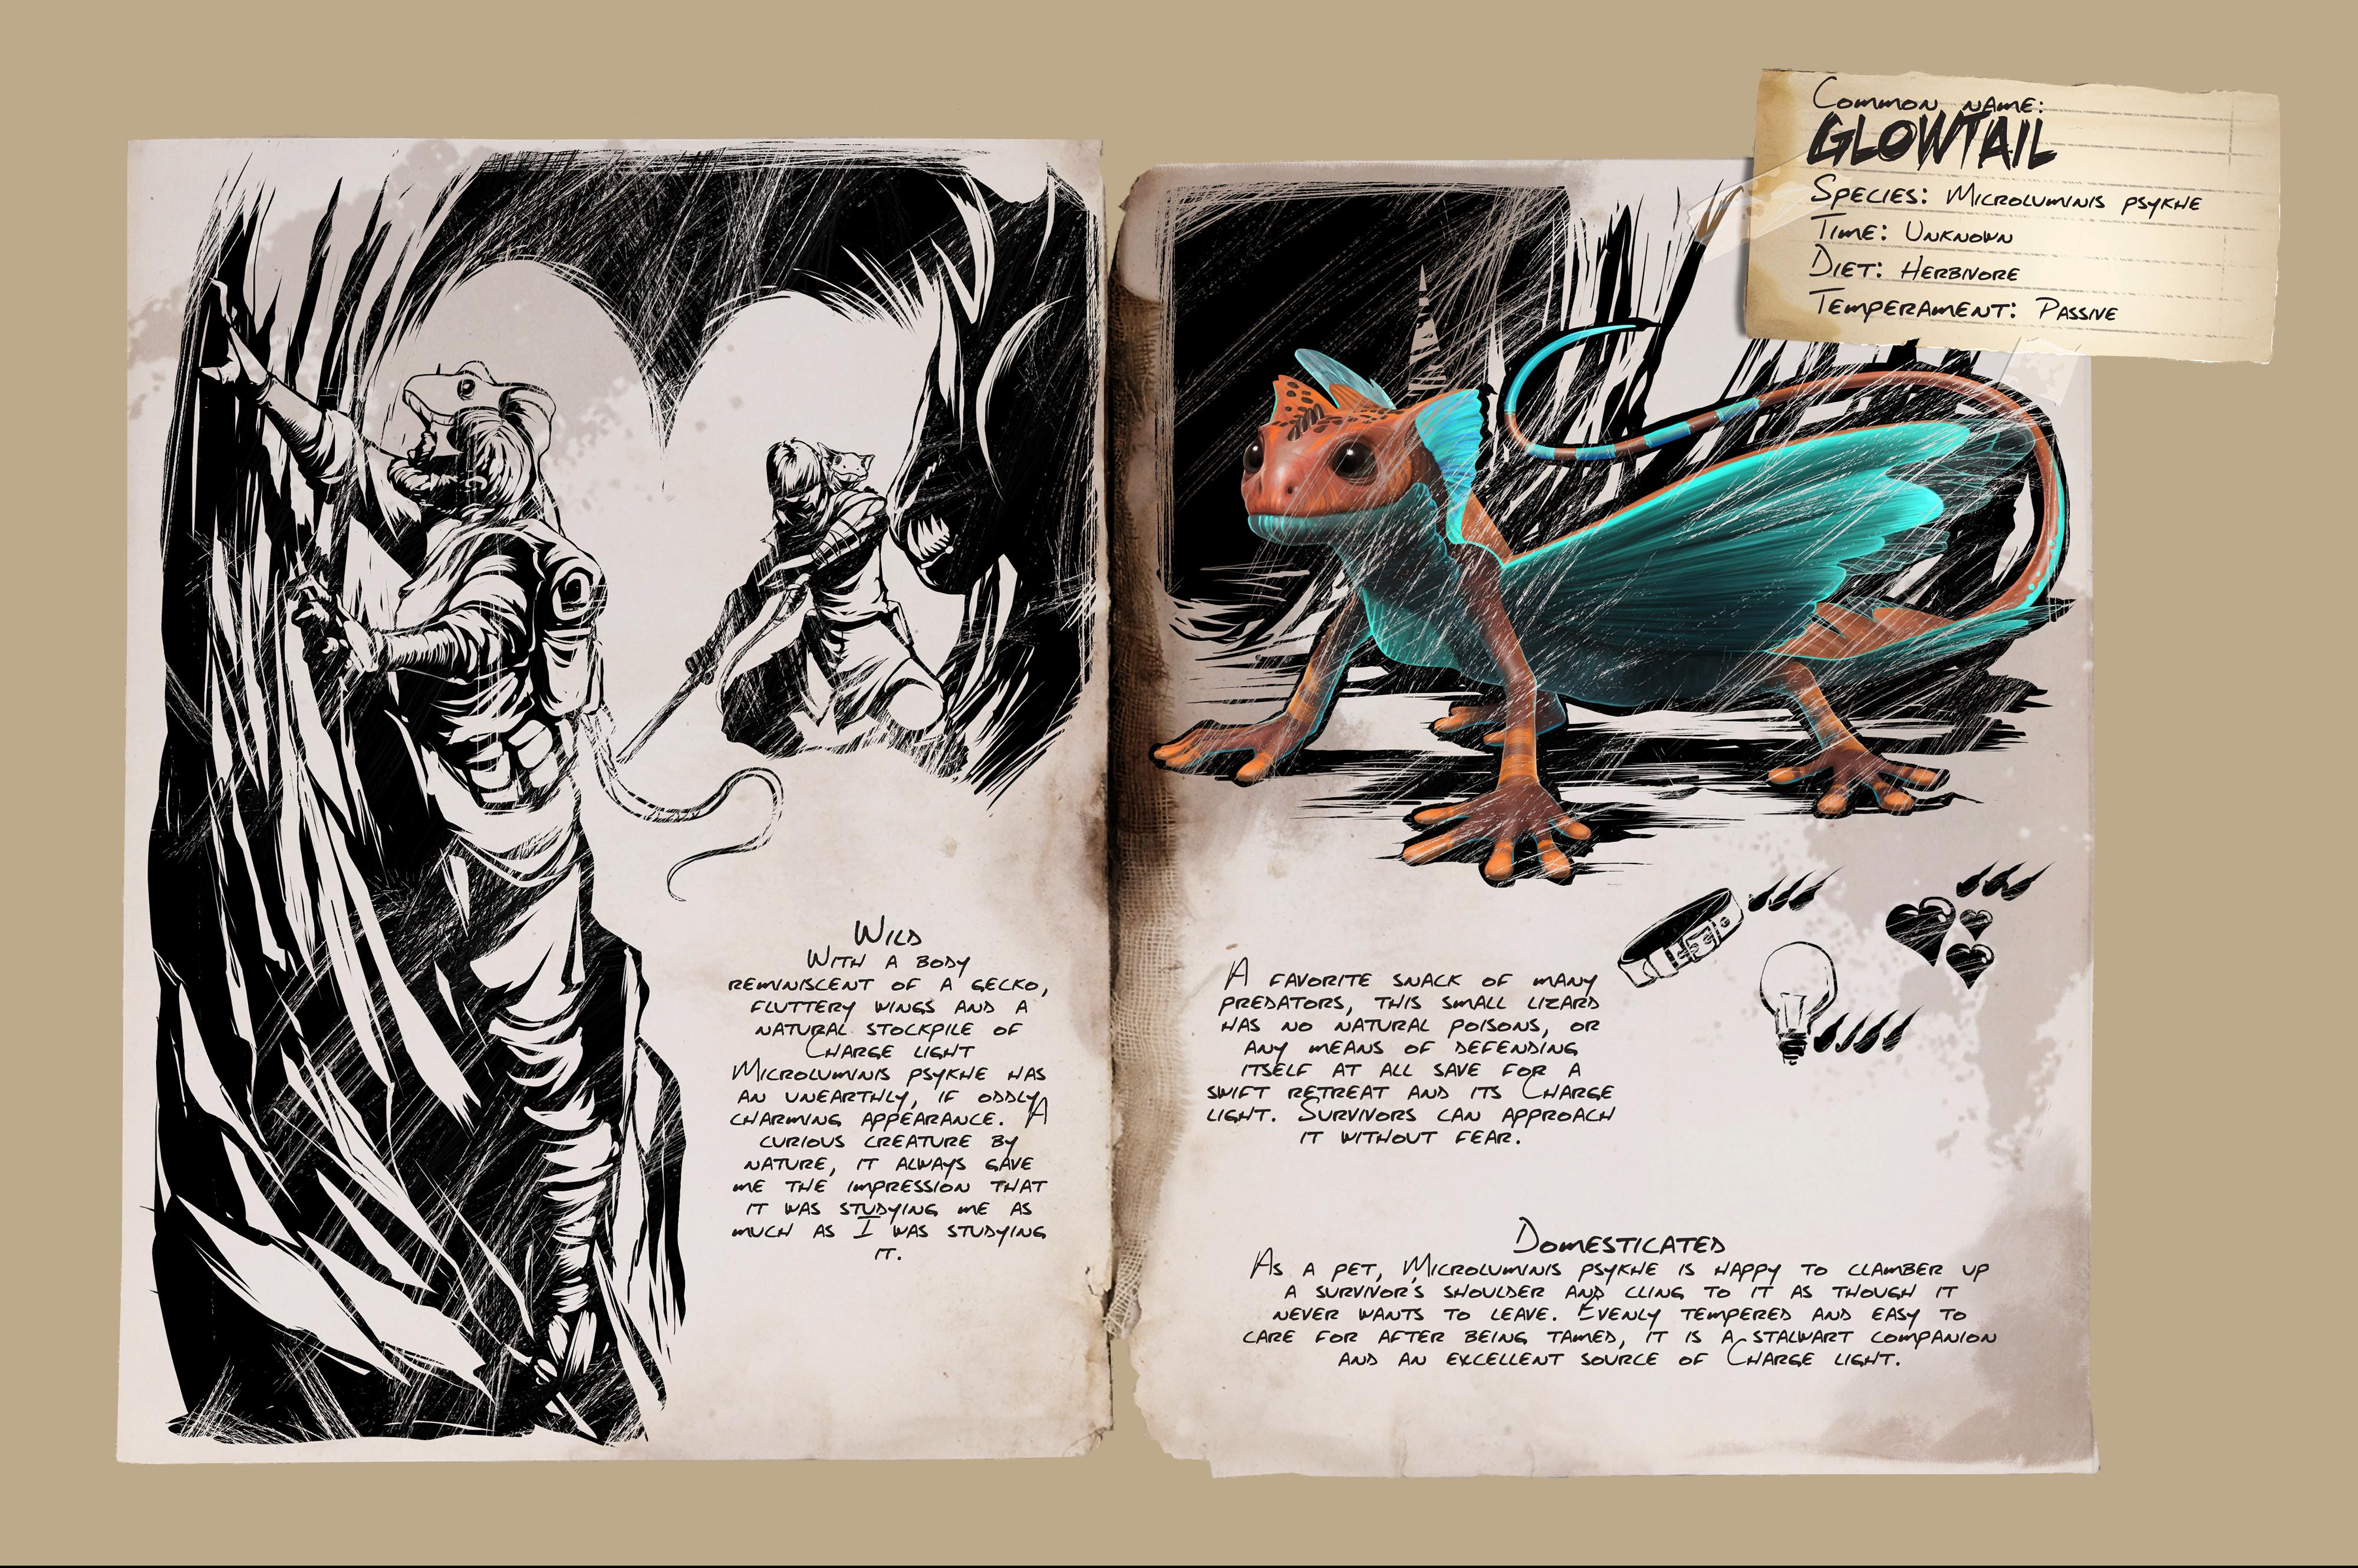 Dino Dossier: Glowtail